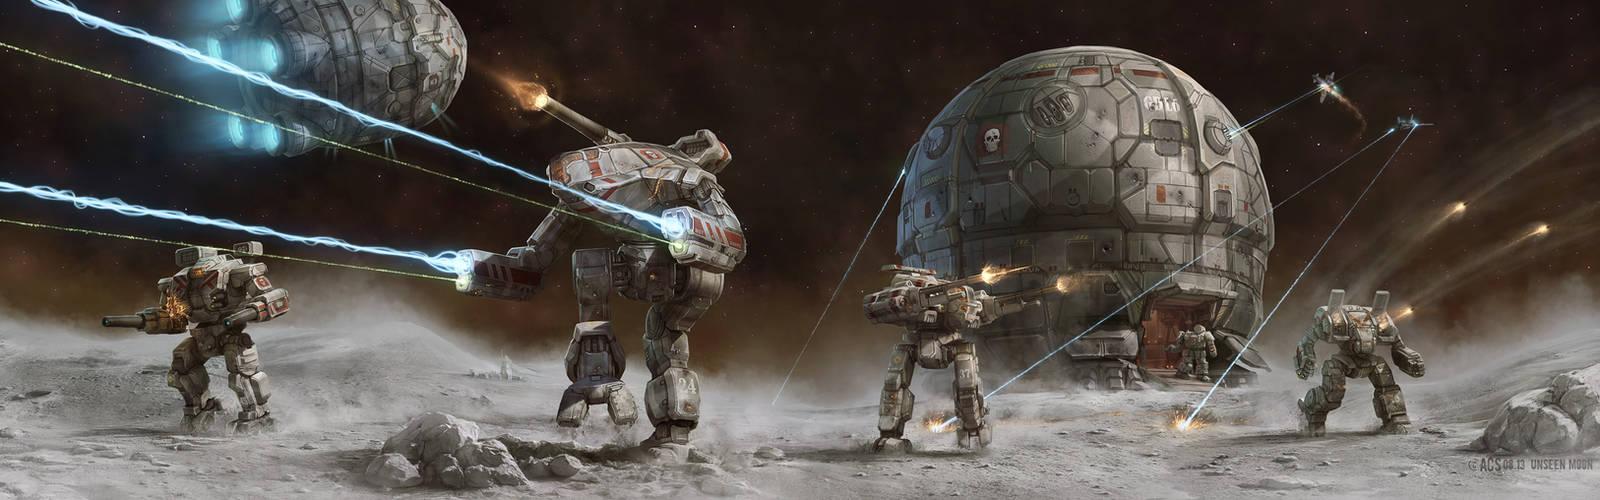 Battletech - Unseen Moon